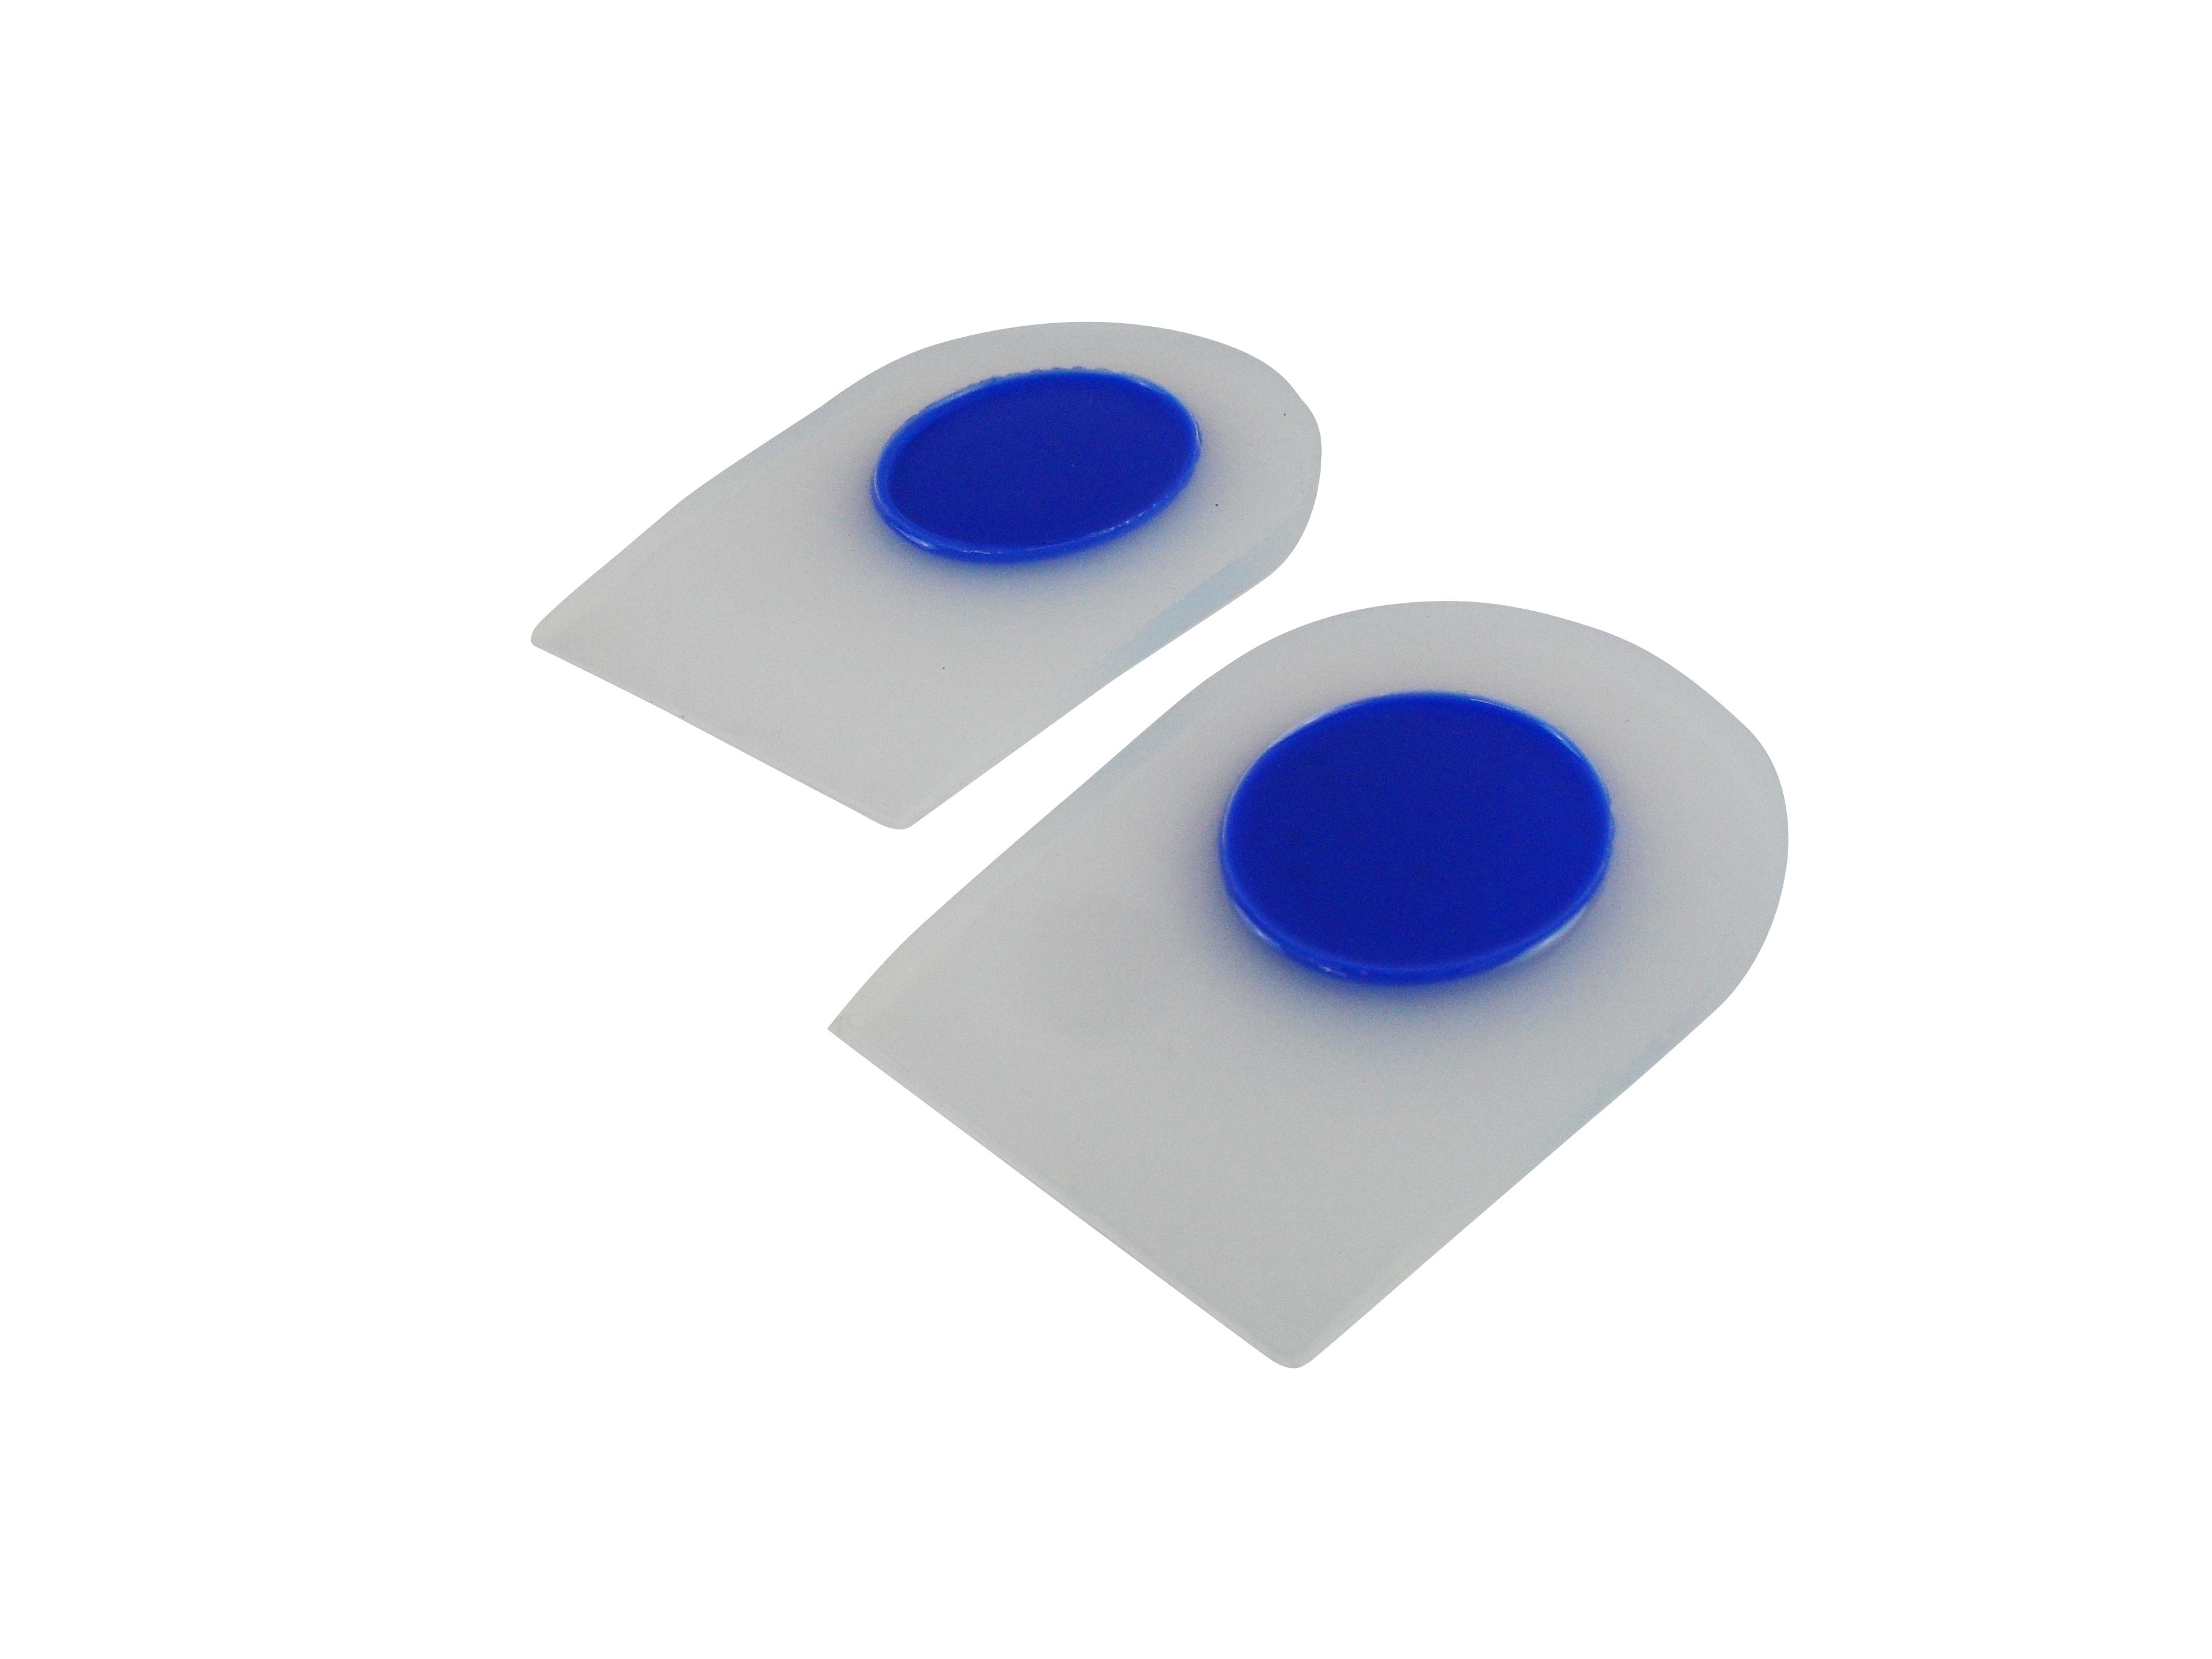 Talloniera per sperone con cavità removibile - Talloniera in silicone